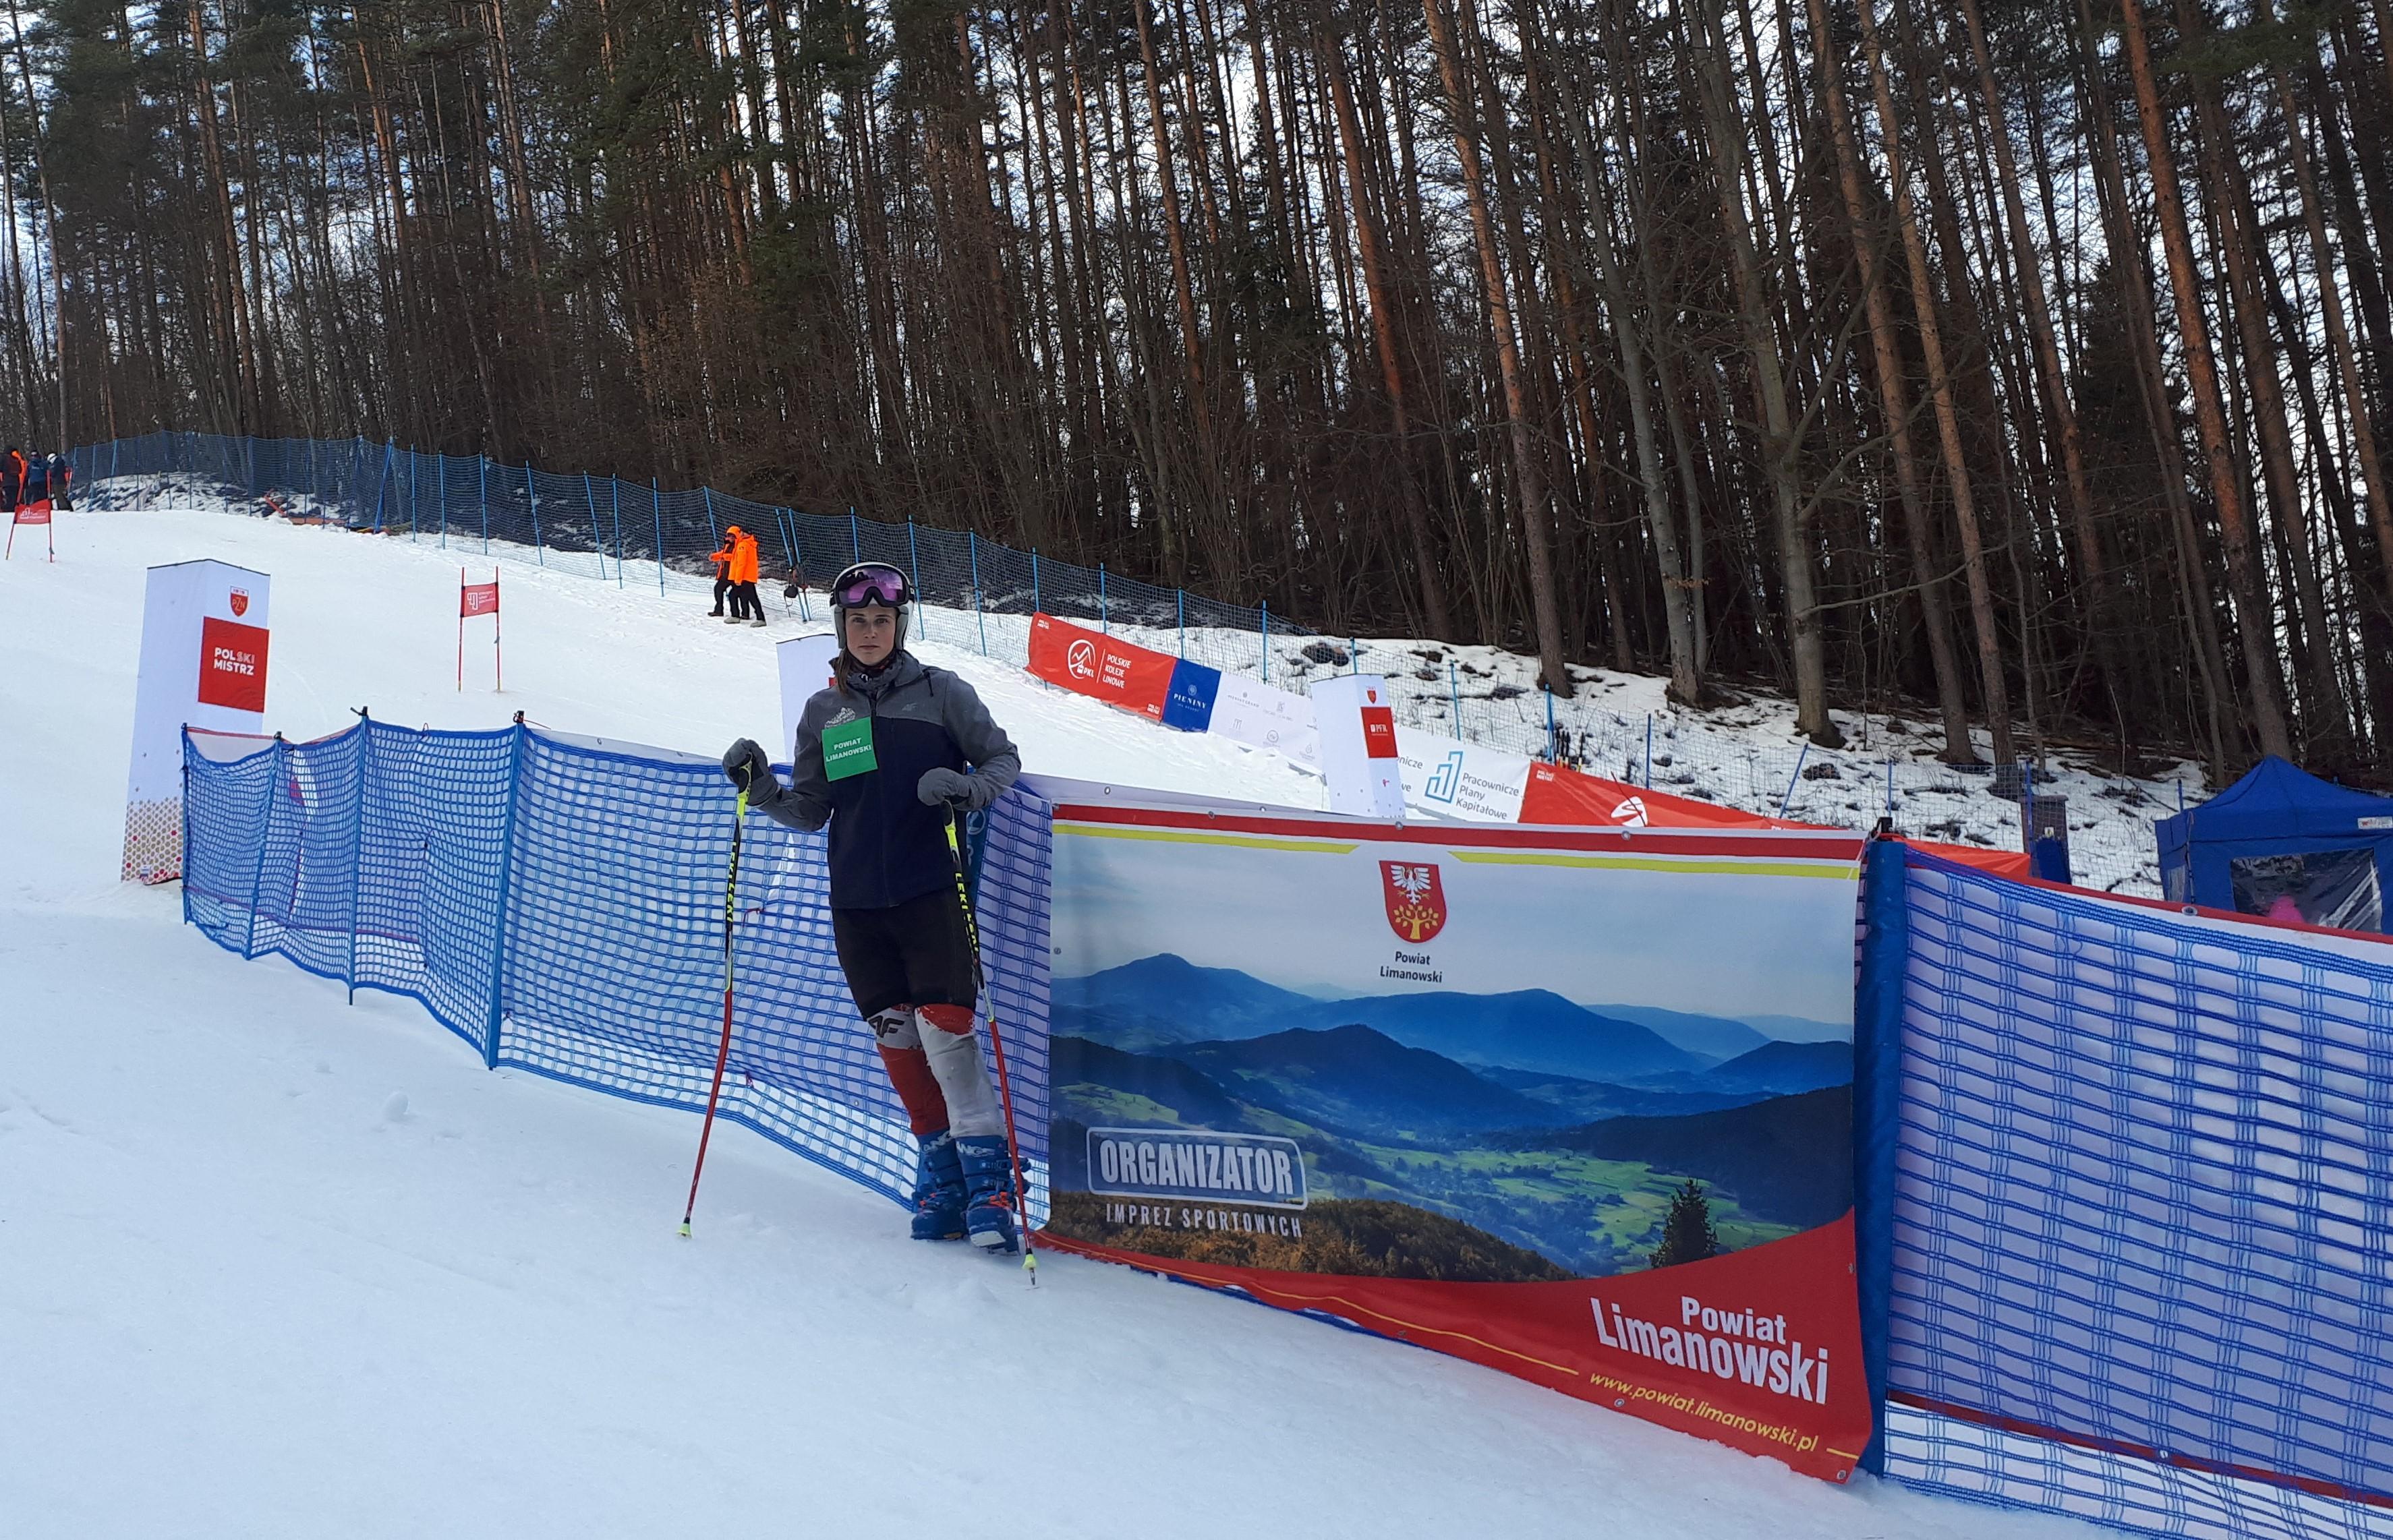 Patrycja Florek - Laureatką 4. miejsca w Mistrzostwach Polski w Naciarstwie alpejskim